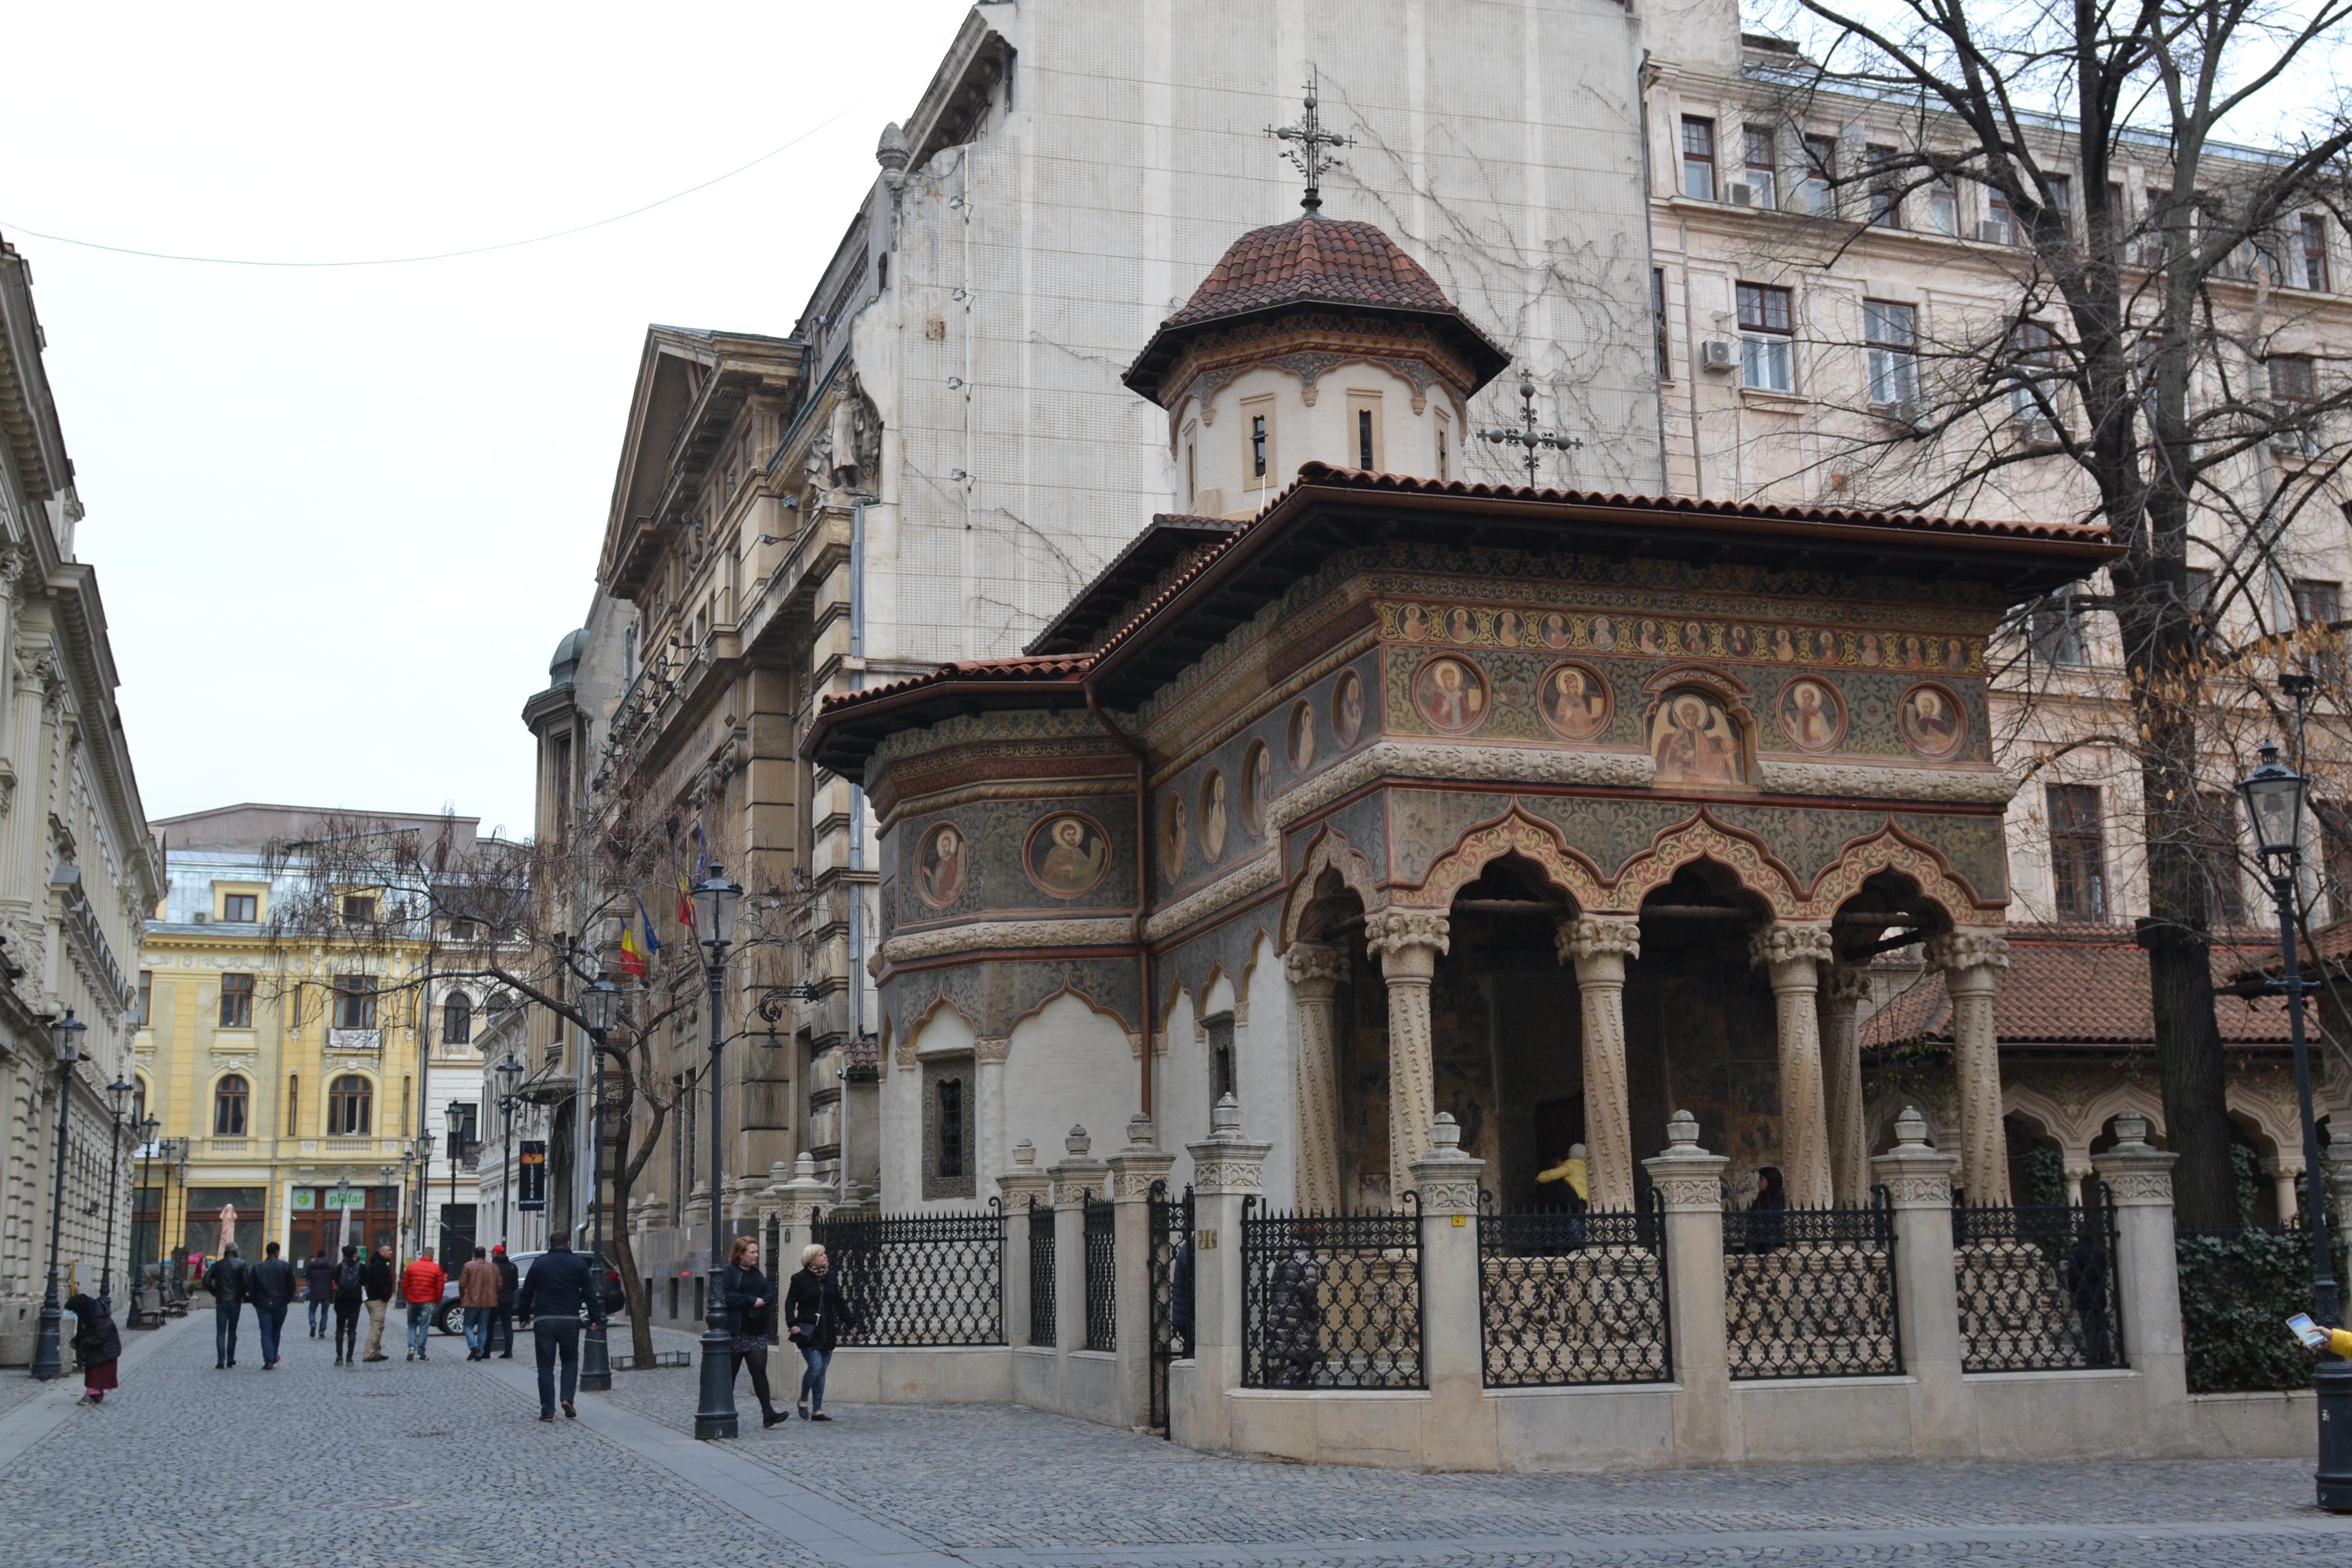 Chiesa in stile bizantino decorata con pitture di santi su strada pedonale